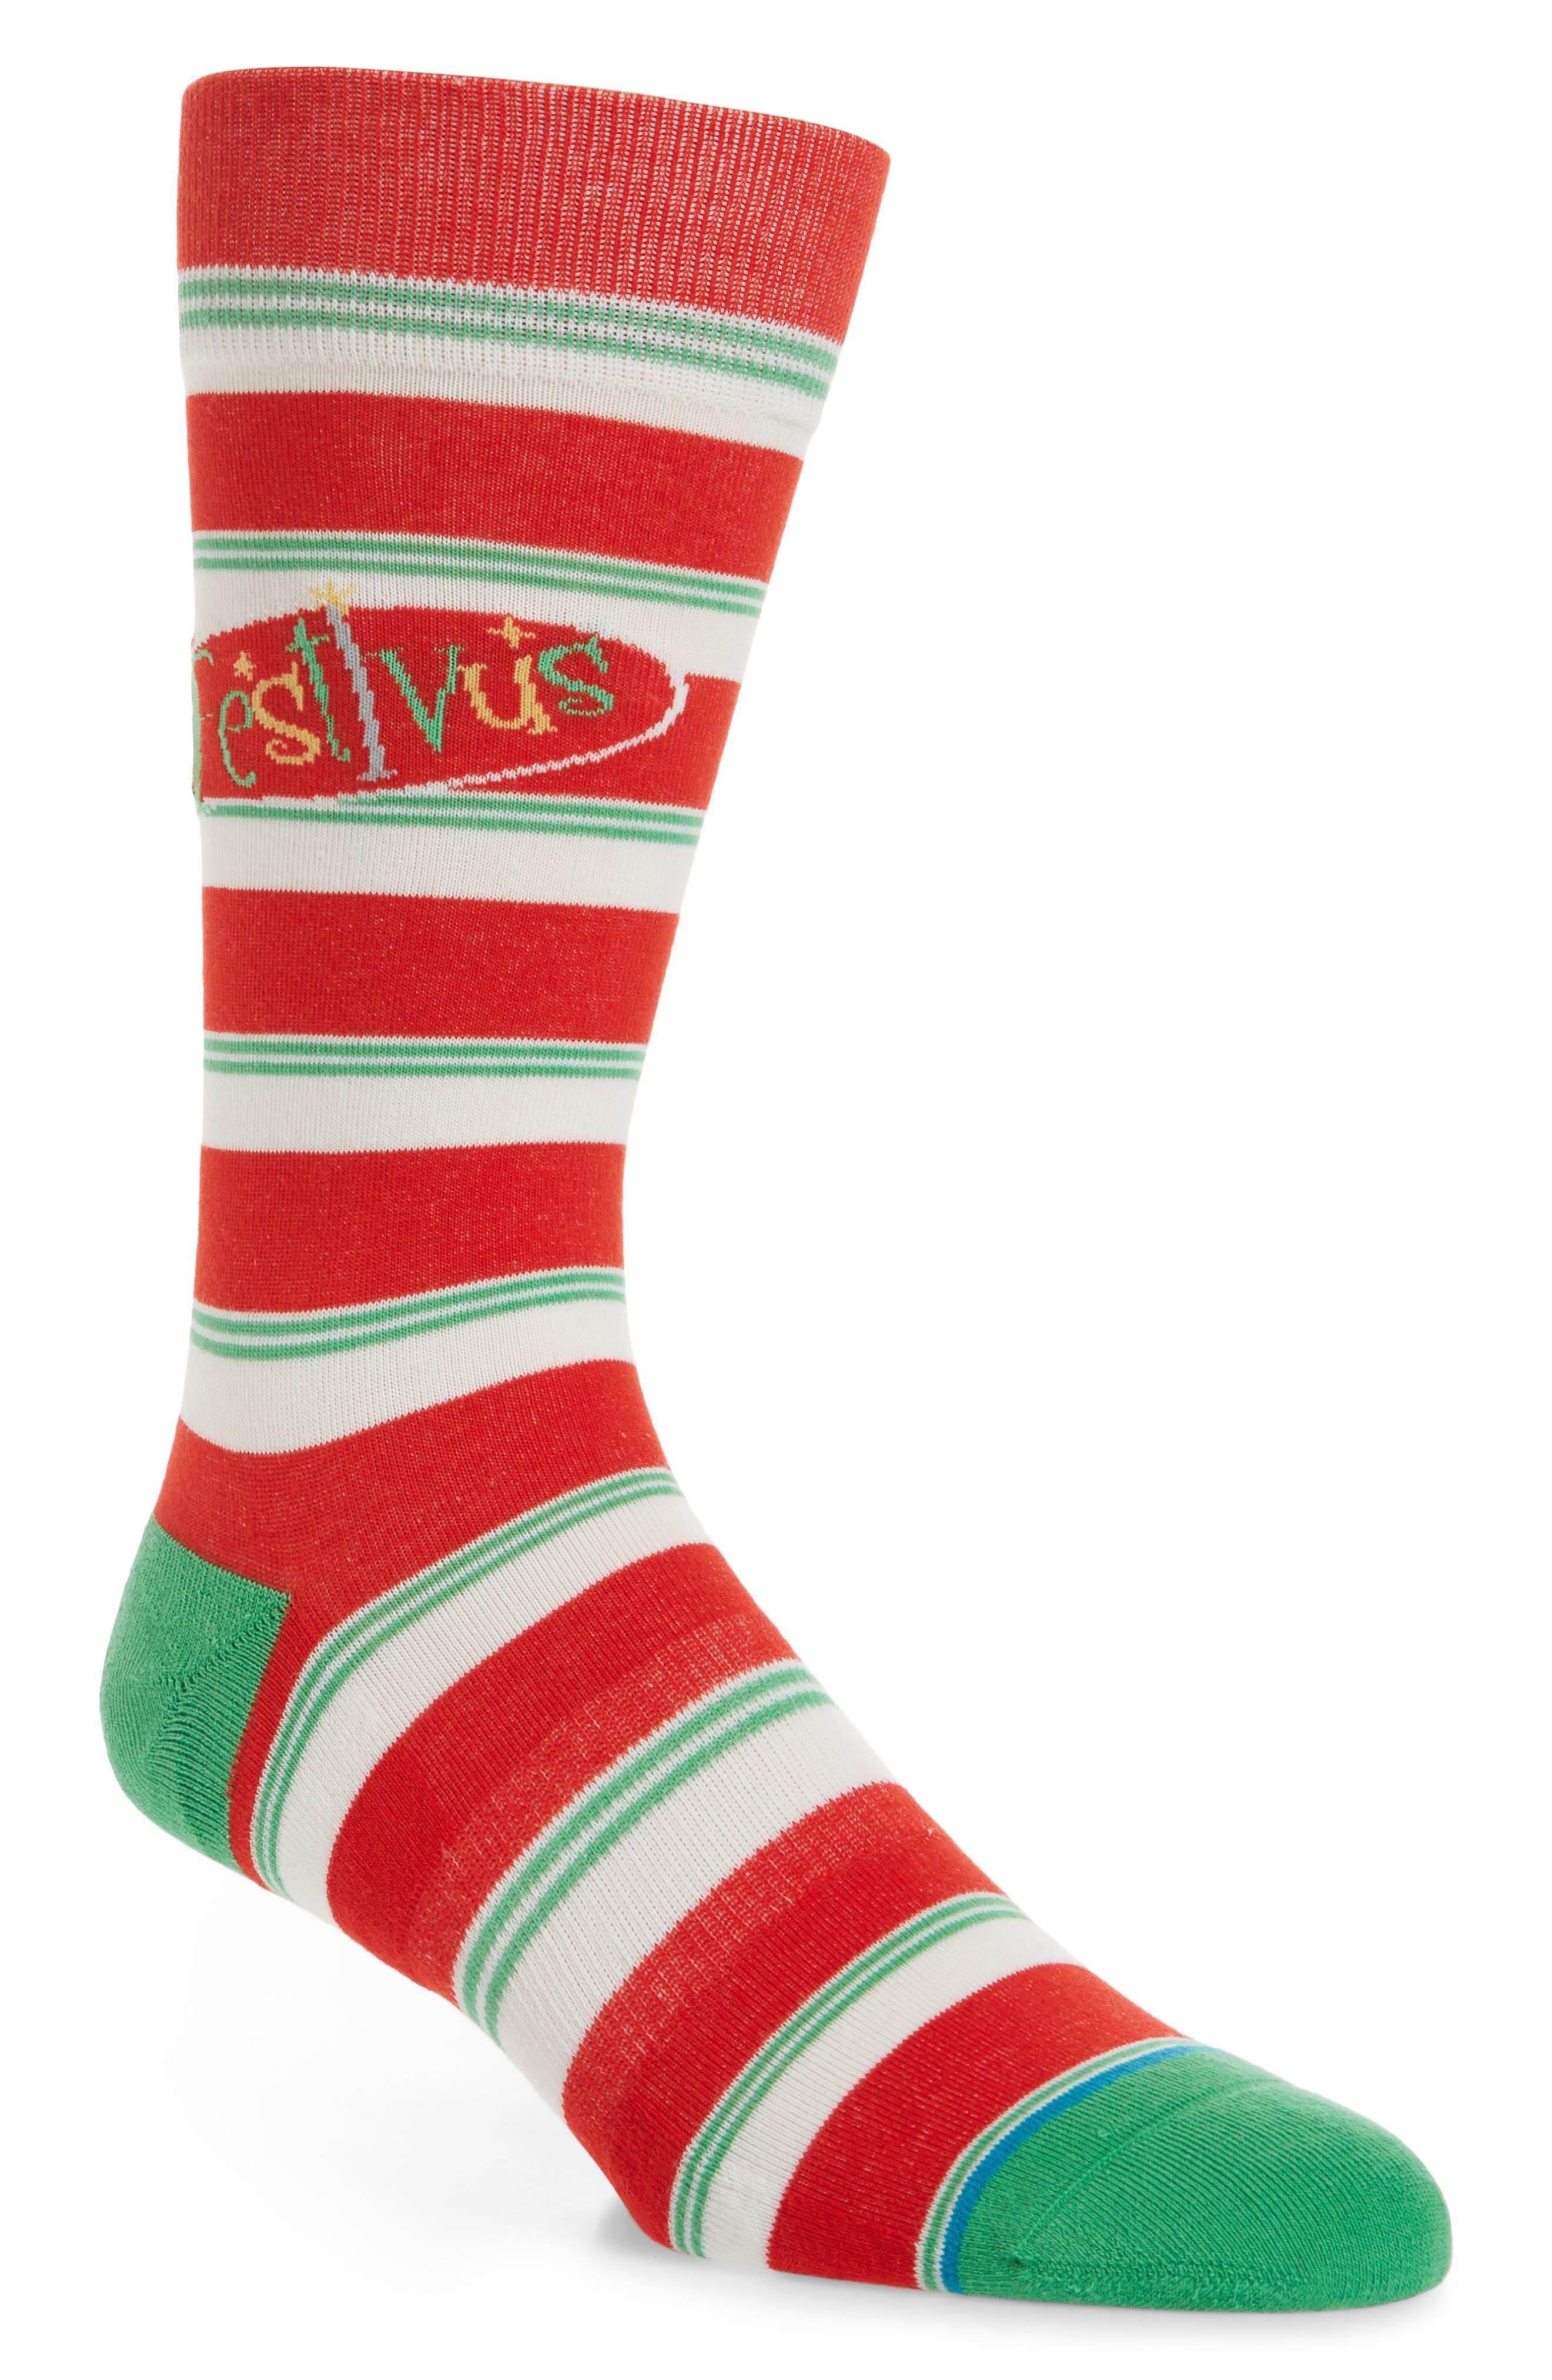 Seinfeld Festivus Socks,                         Main,                         color, 610